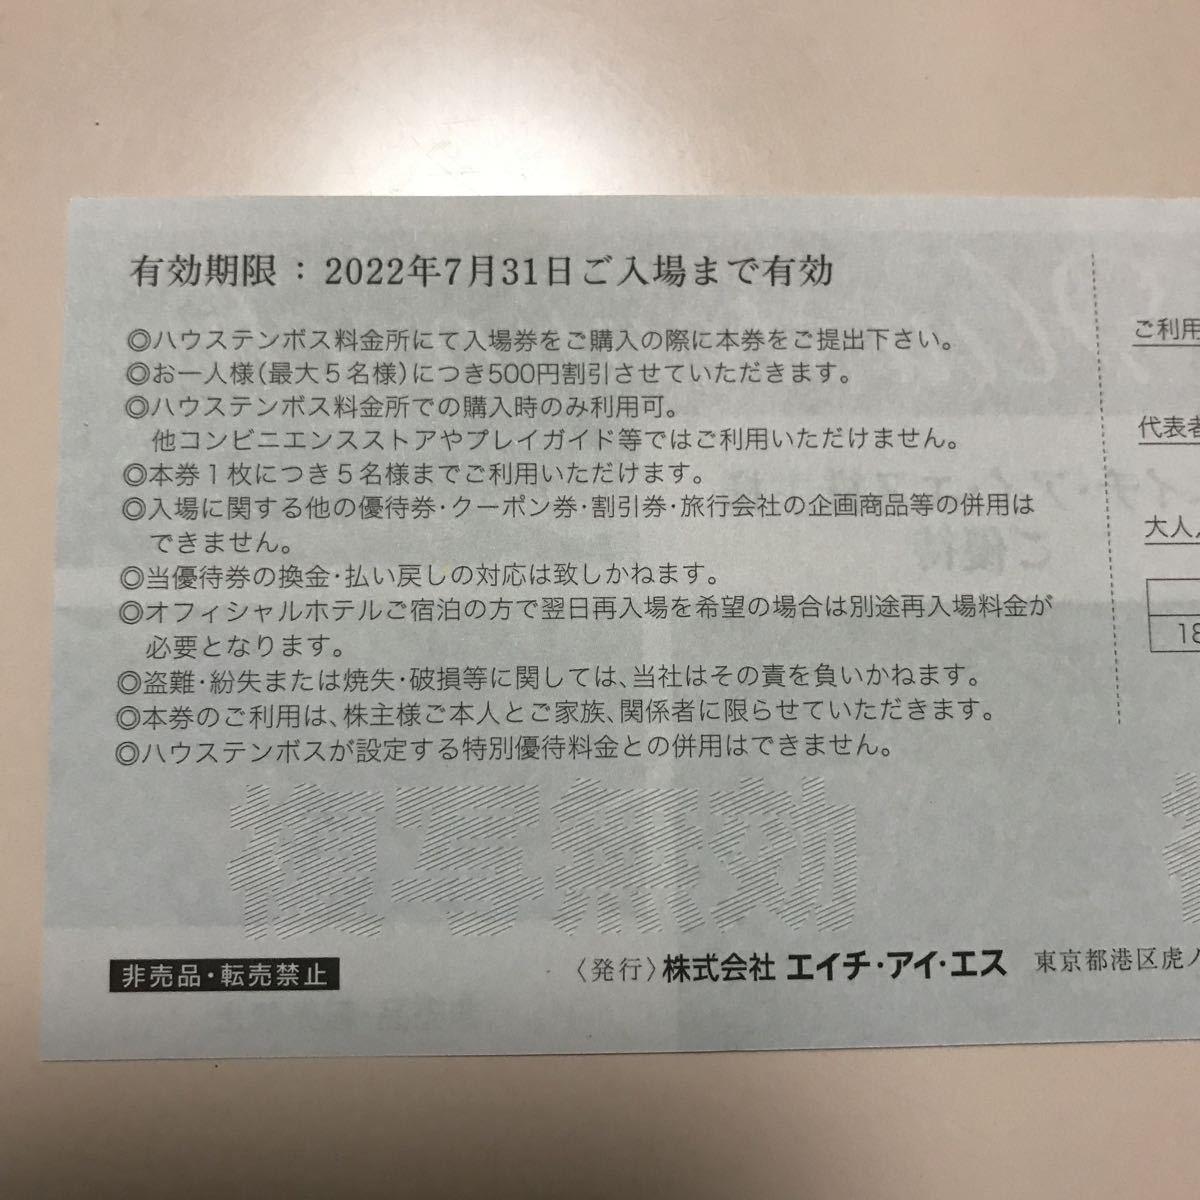 ハウステンボス HIS エイチアイエス 株主優待券最大2,500円割引券 7/31迄_画像2